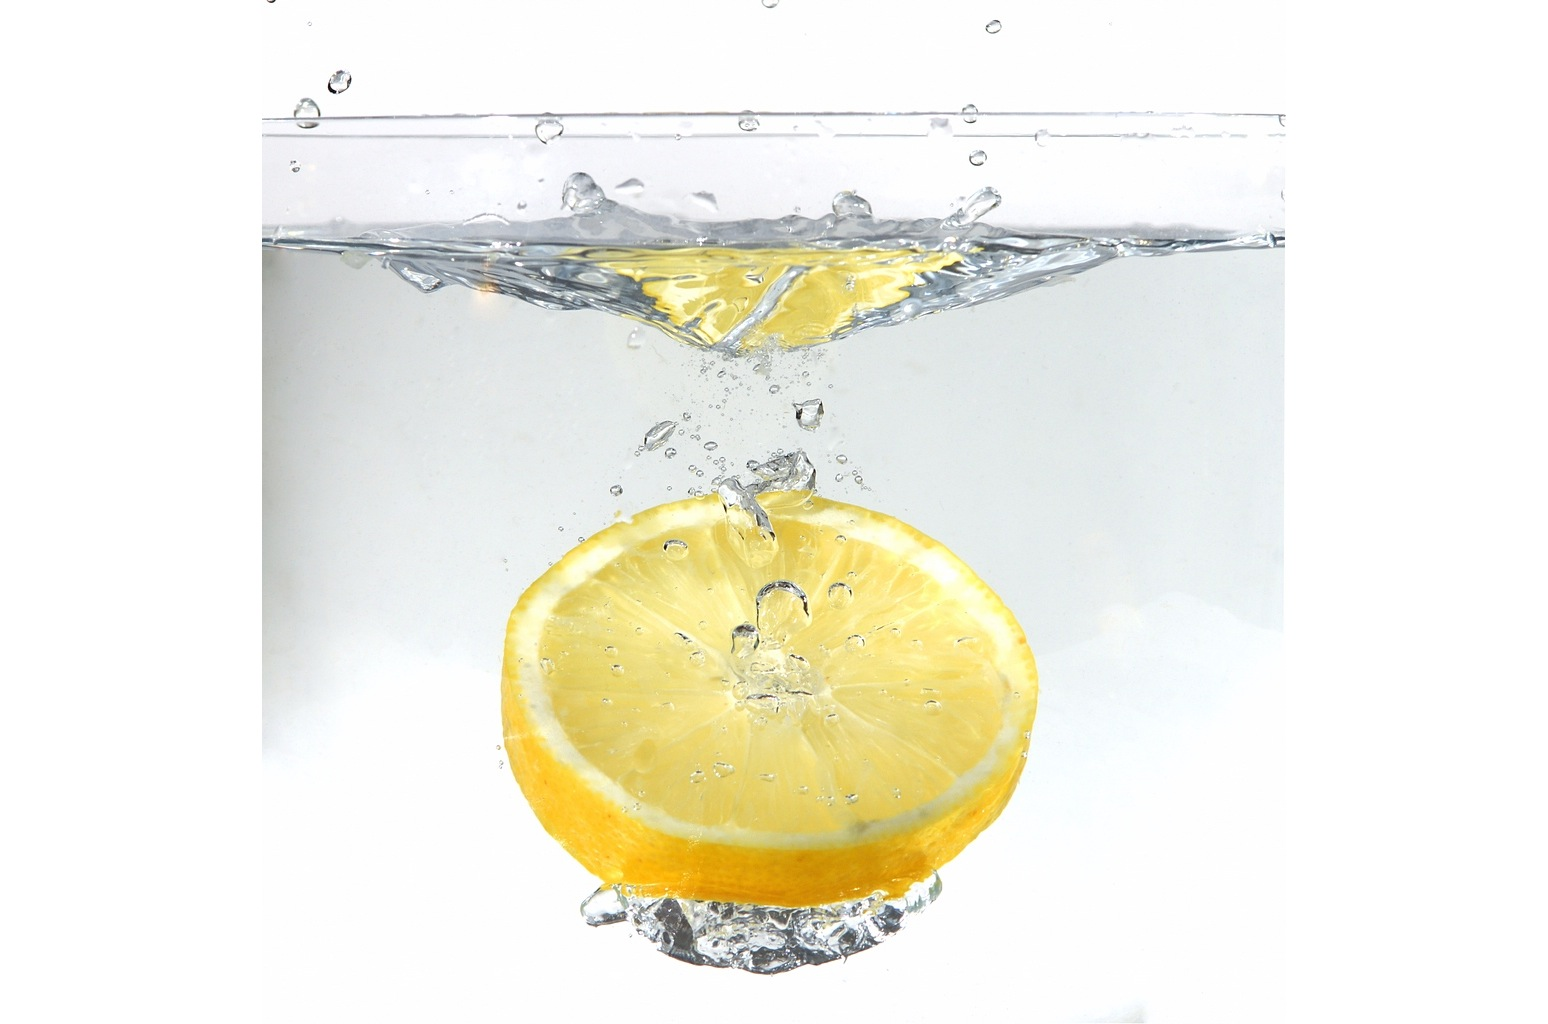 Proprieta' del limone